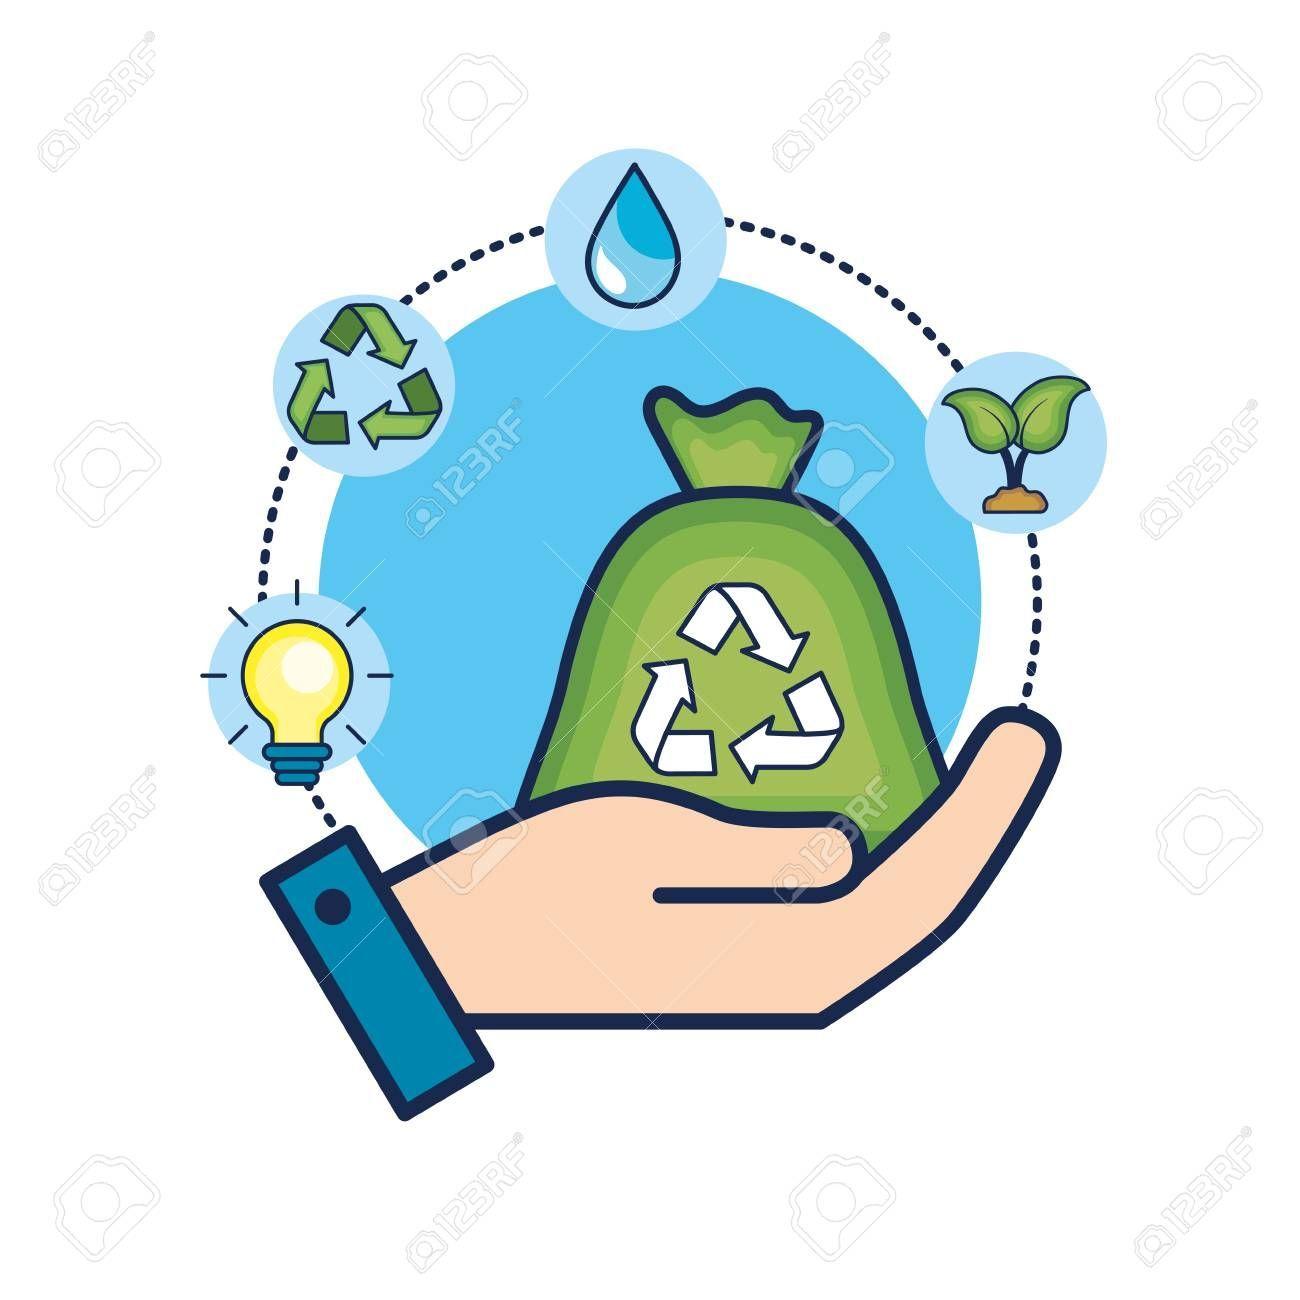 Ayudamos Al Planeta Medio Ambiente Natural Afiches Del Medio Ambiente Imagenes Del Medio Ambiente